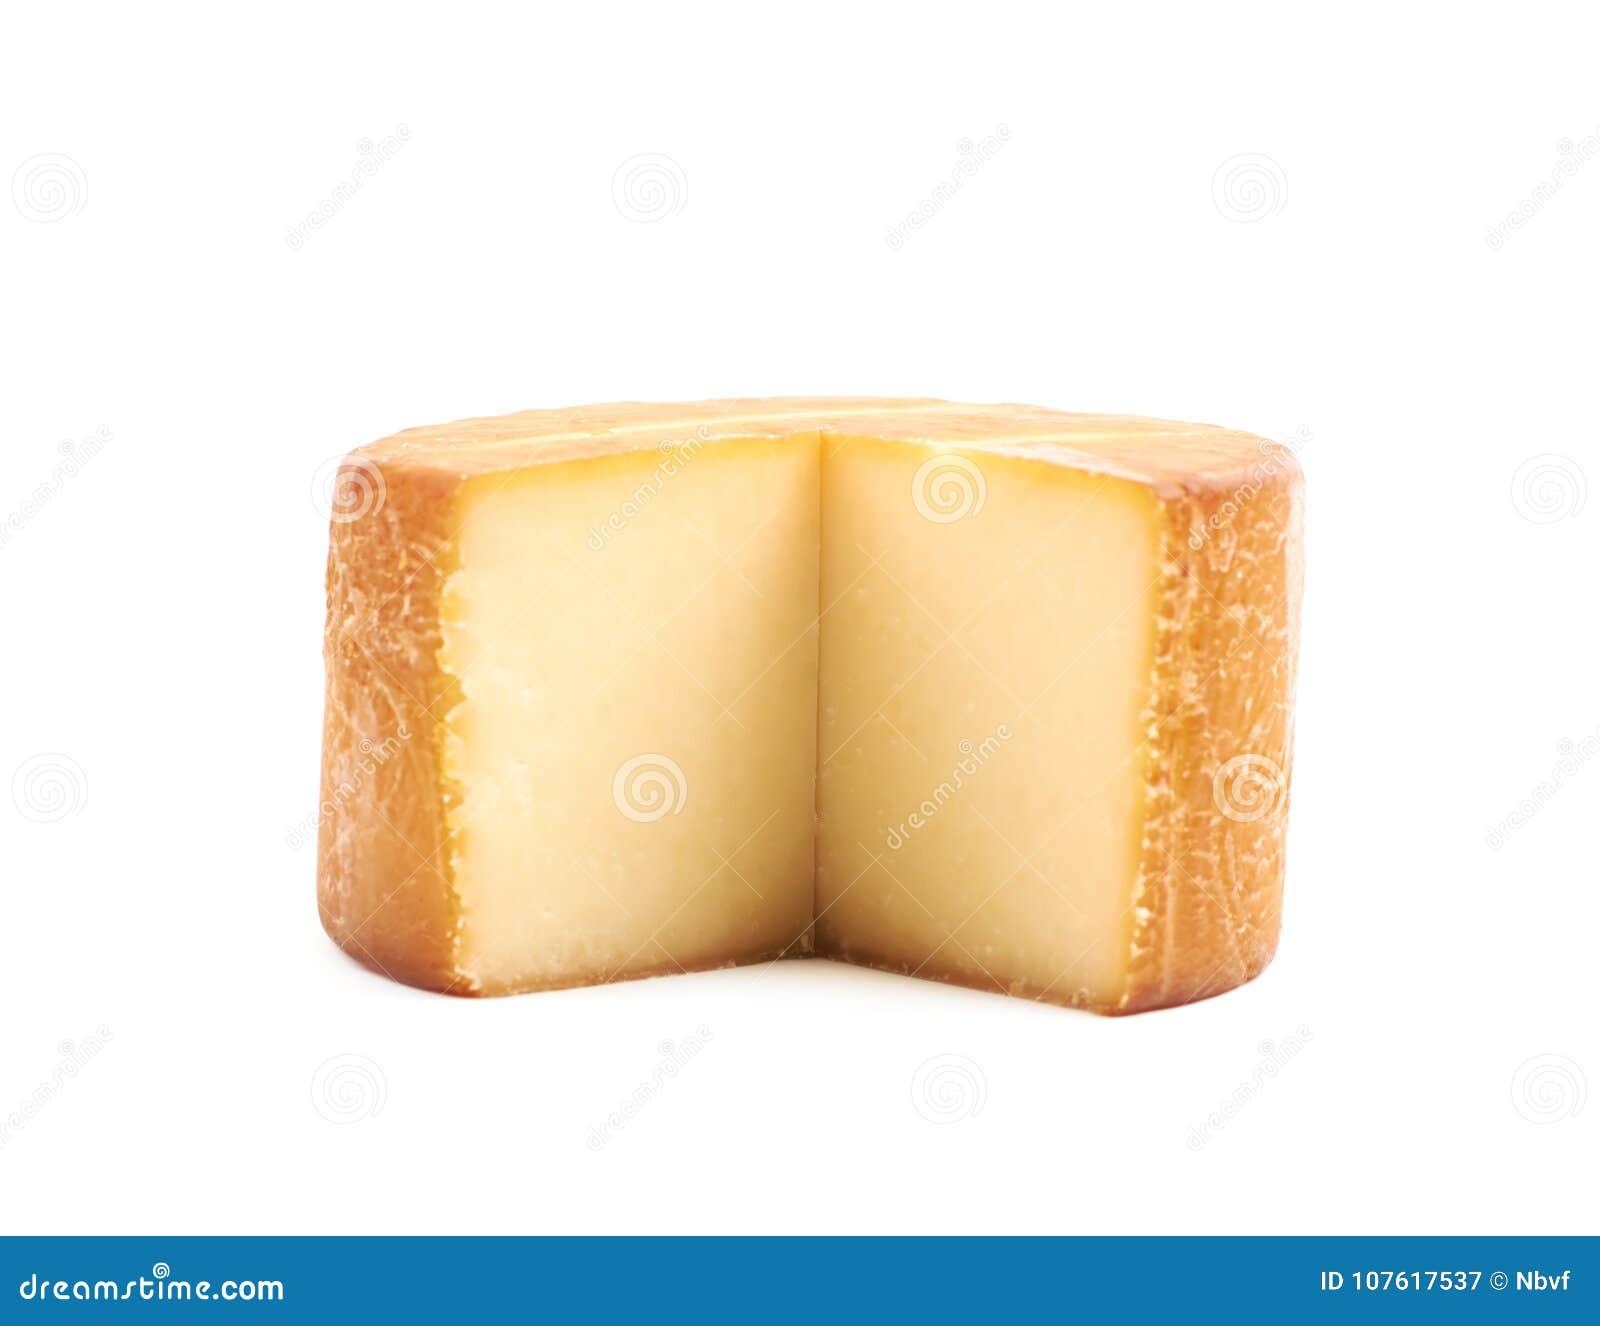 Roda do queijo isolada